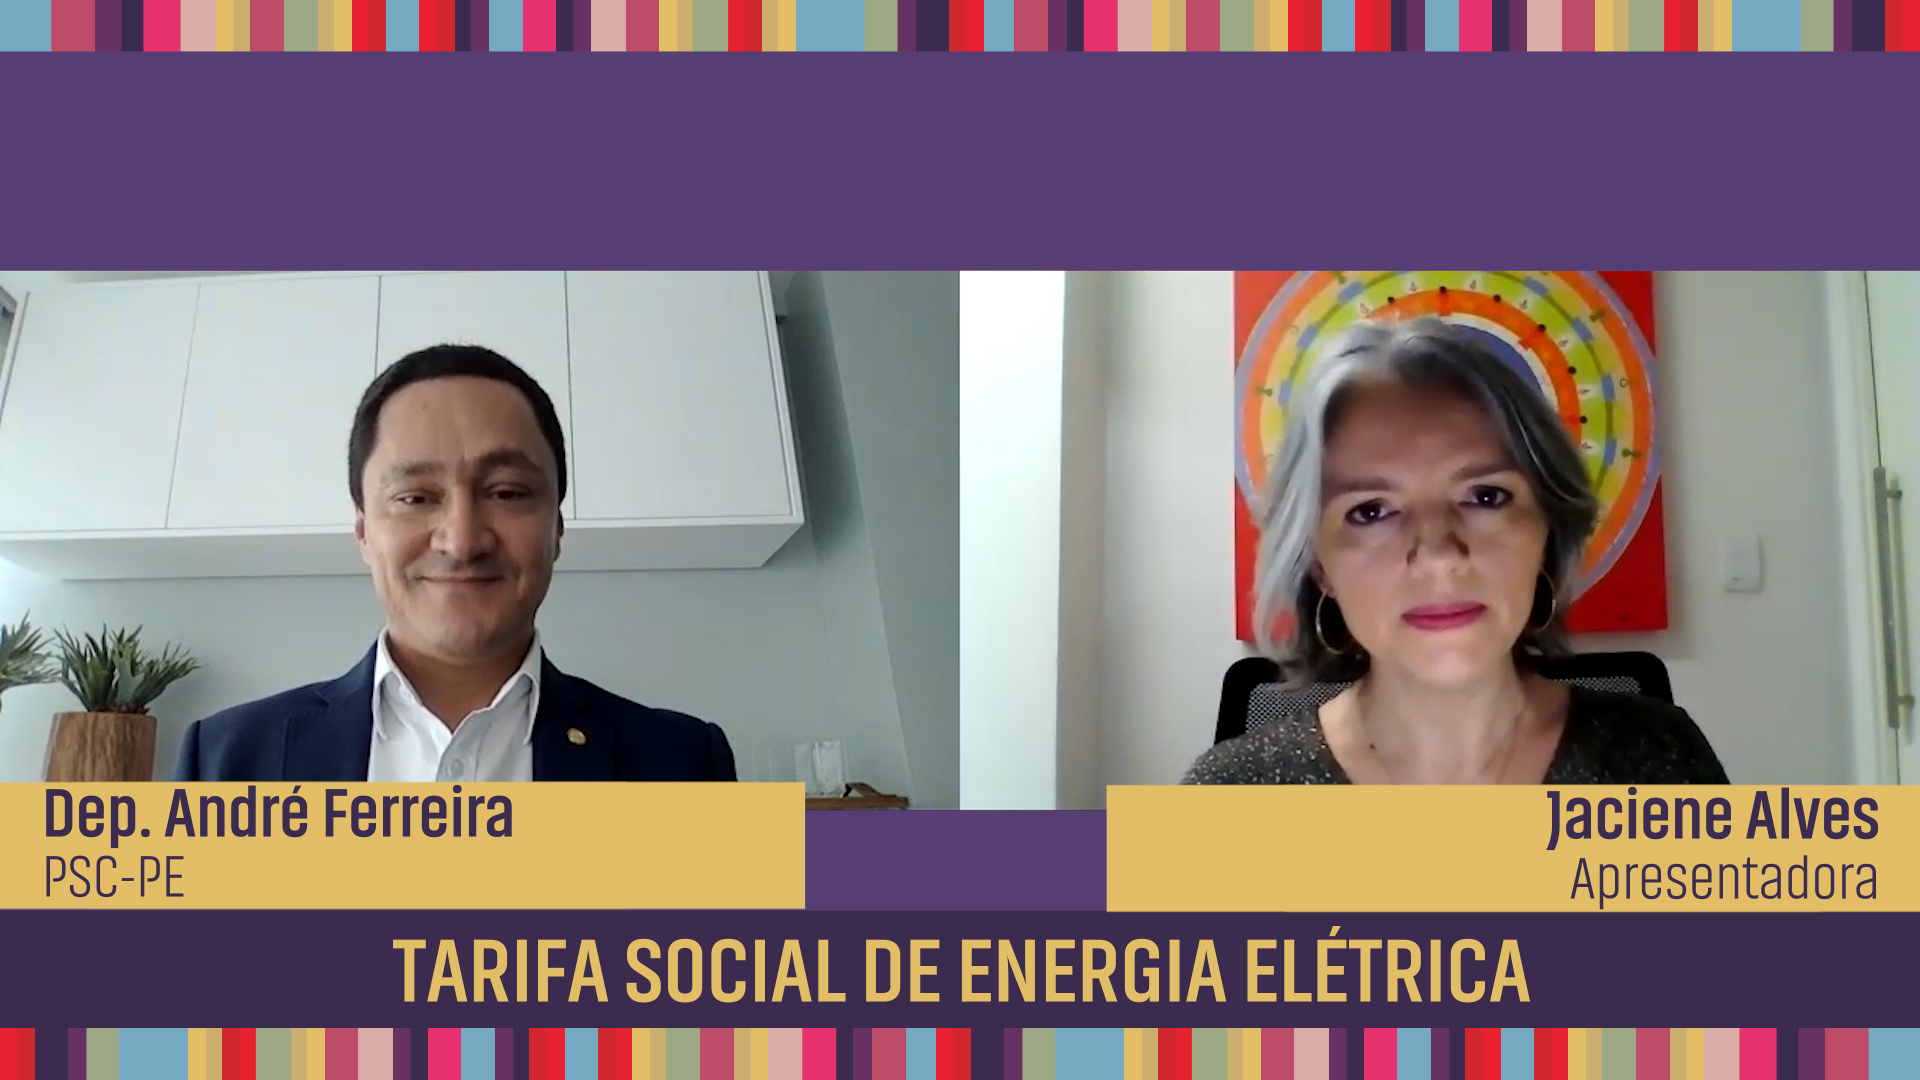 Tarifa Social de Energia Elétrica